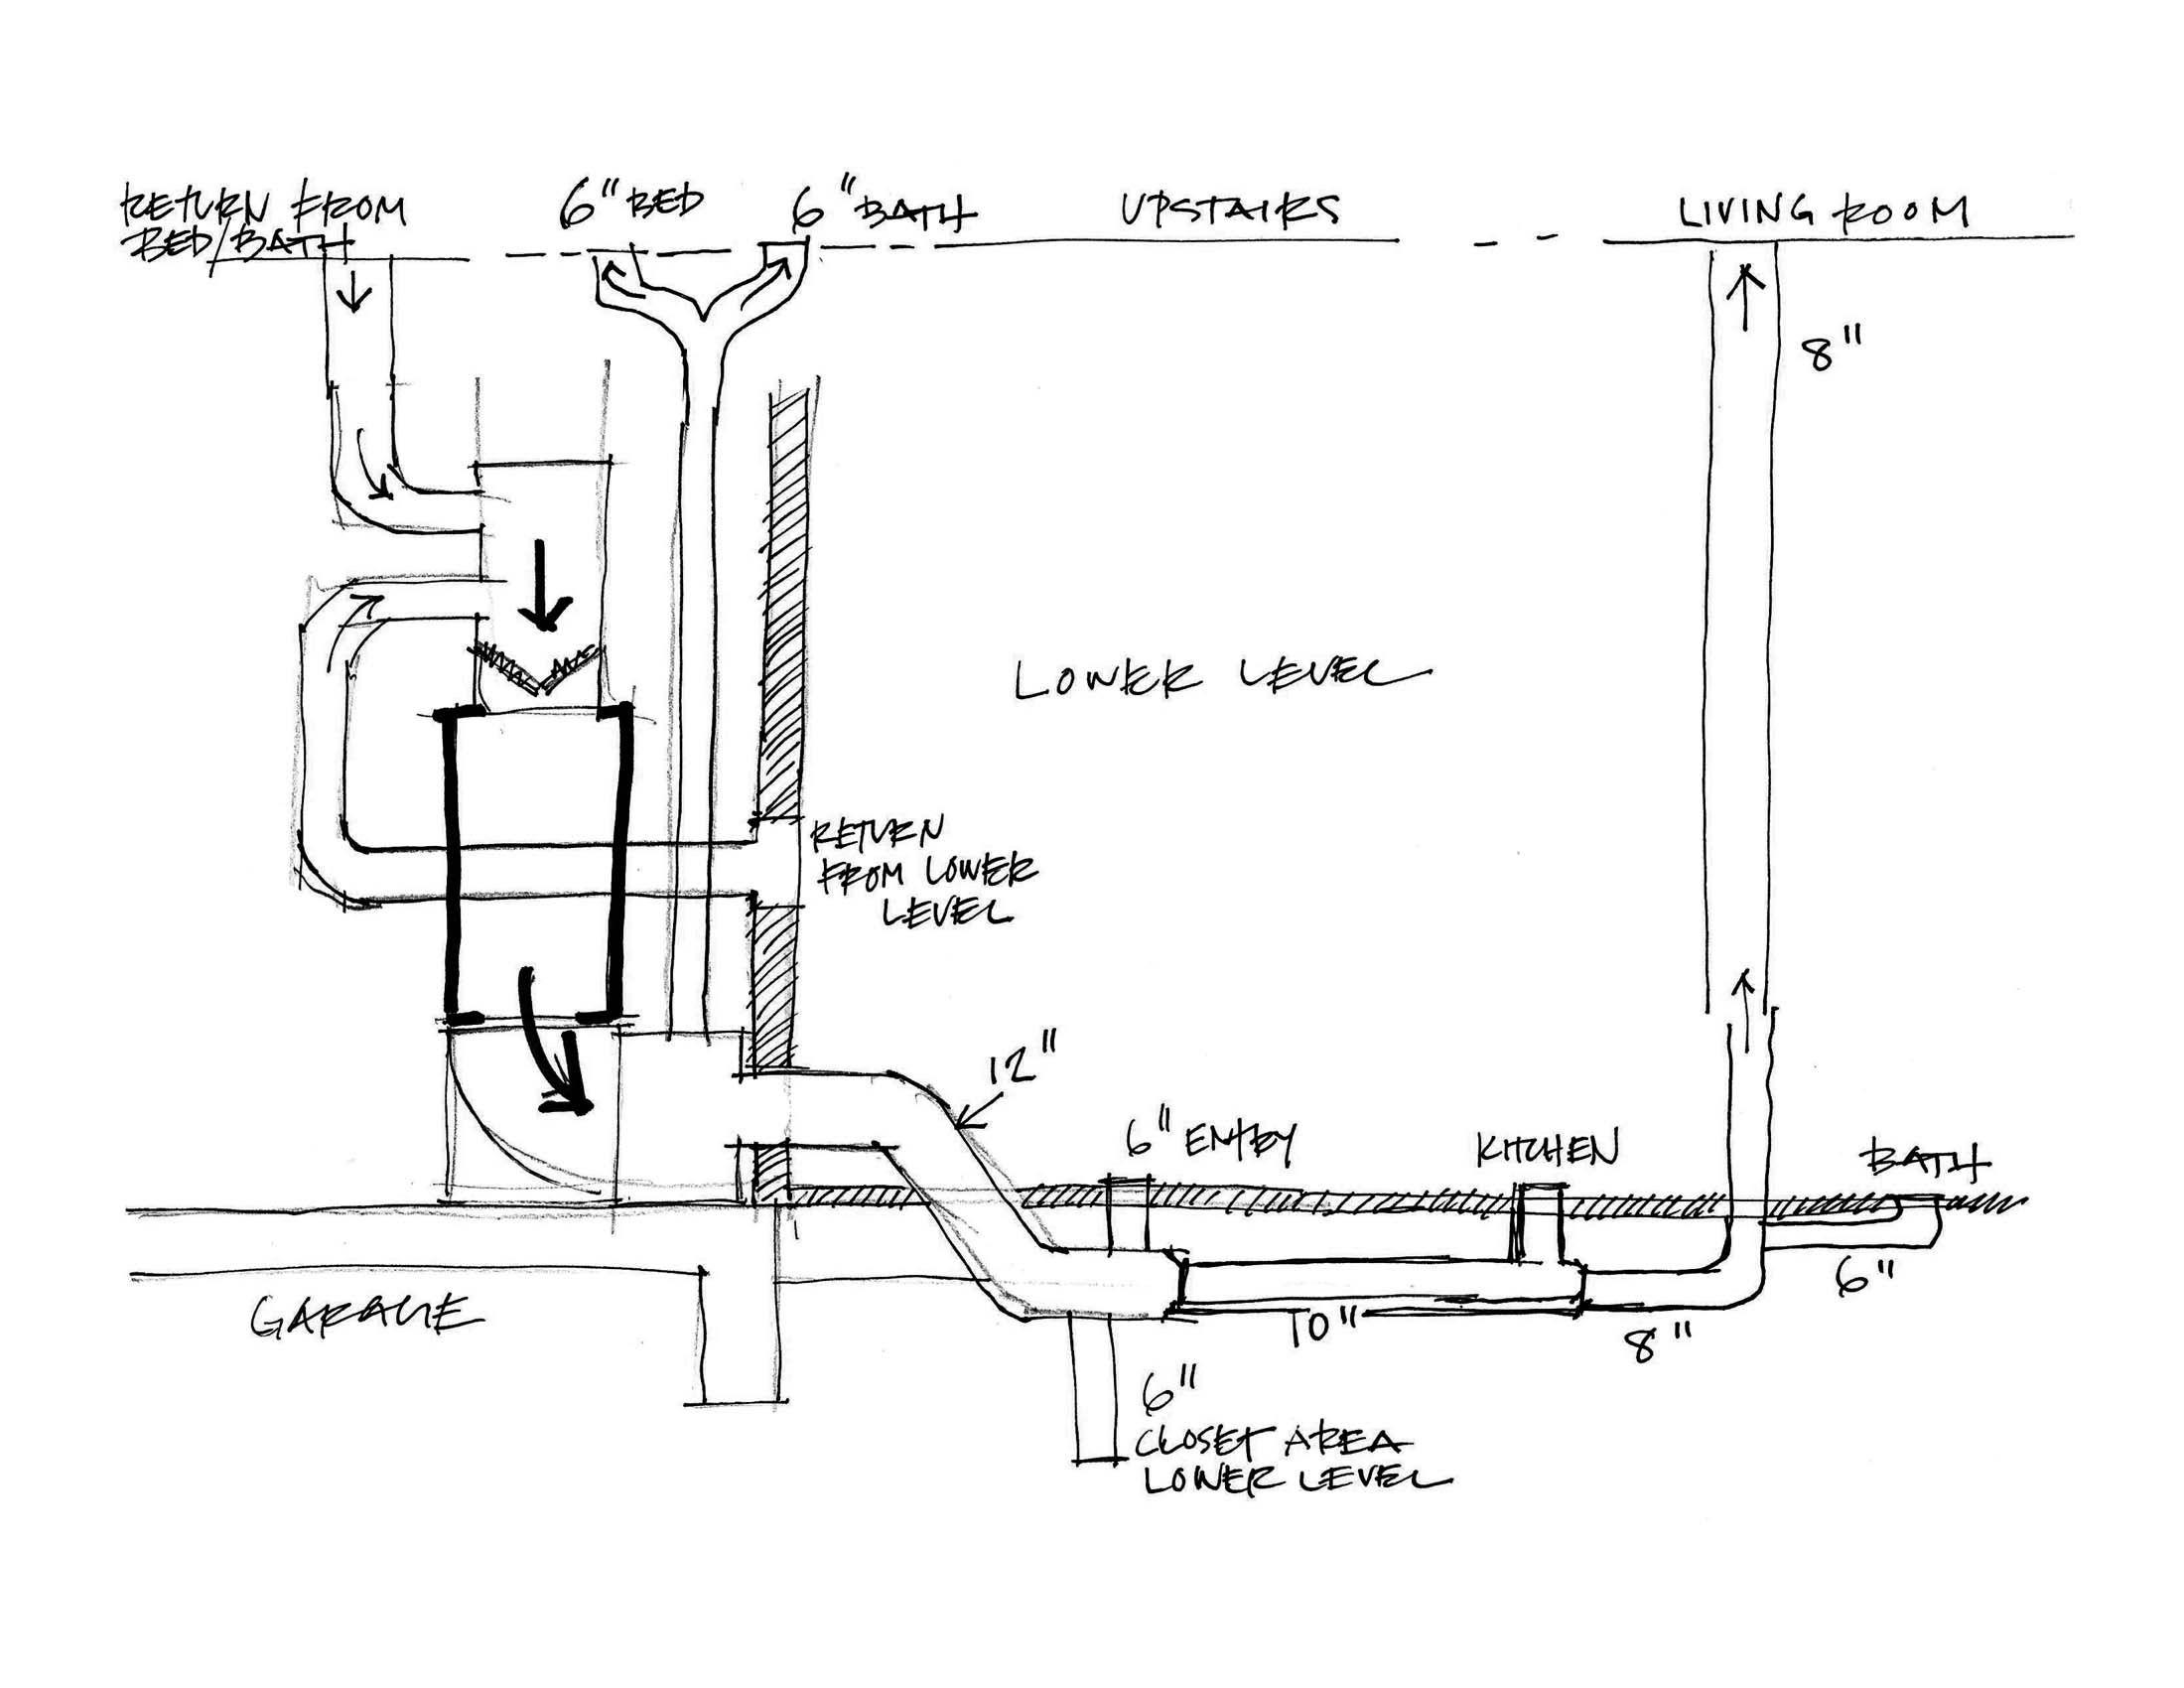 Sketch Diagram Residential Plumbing Real Fi Diagrams